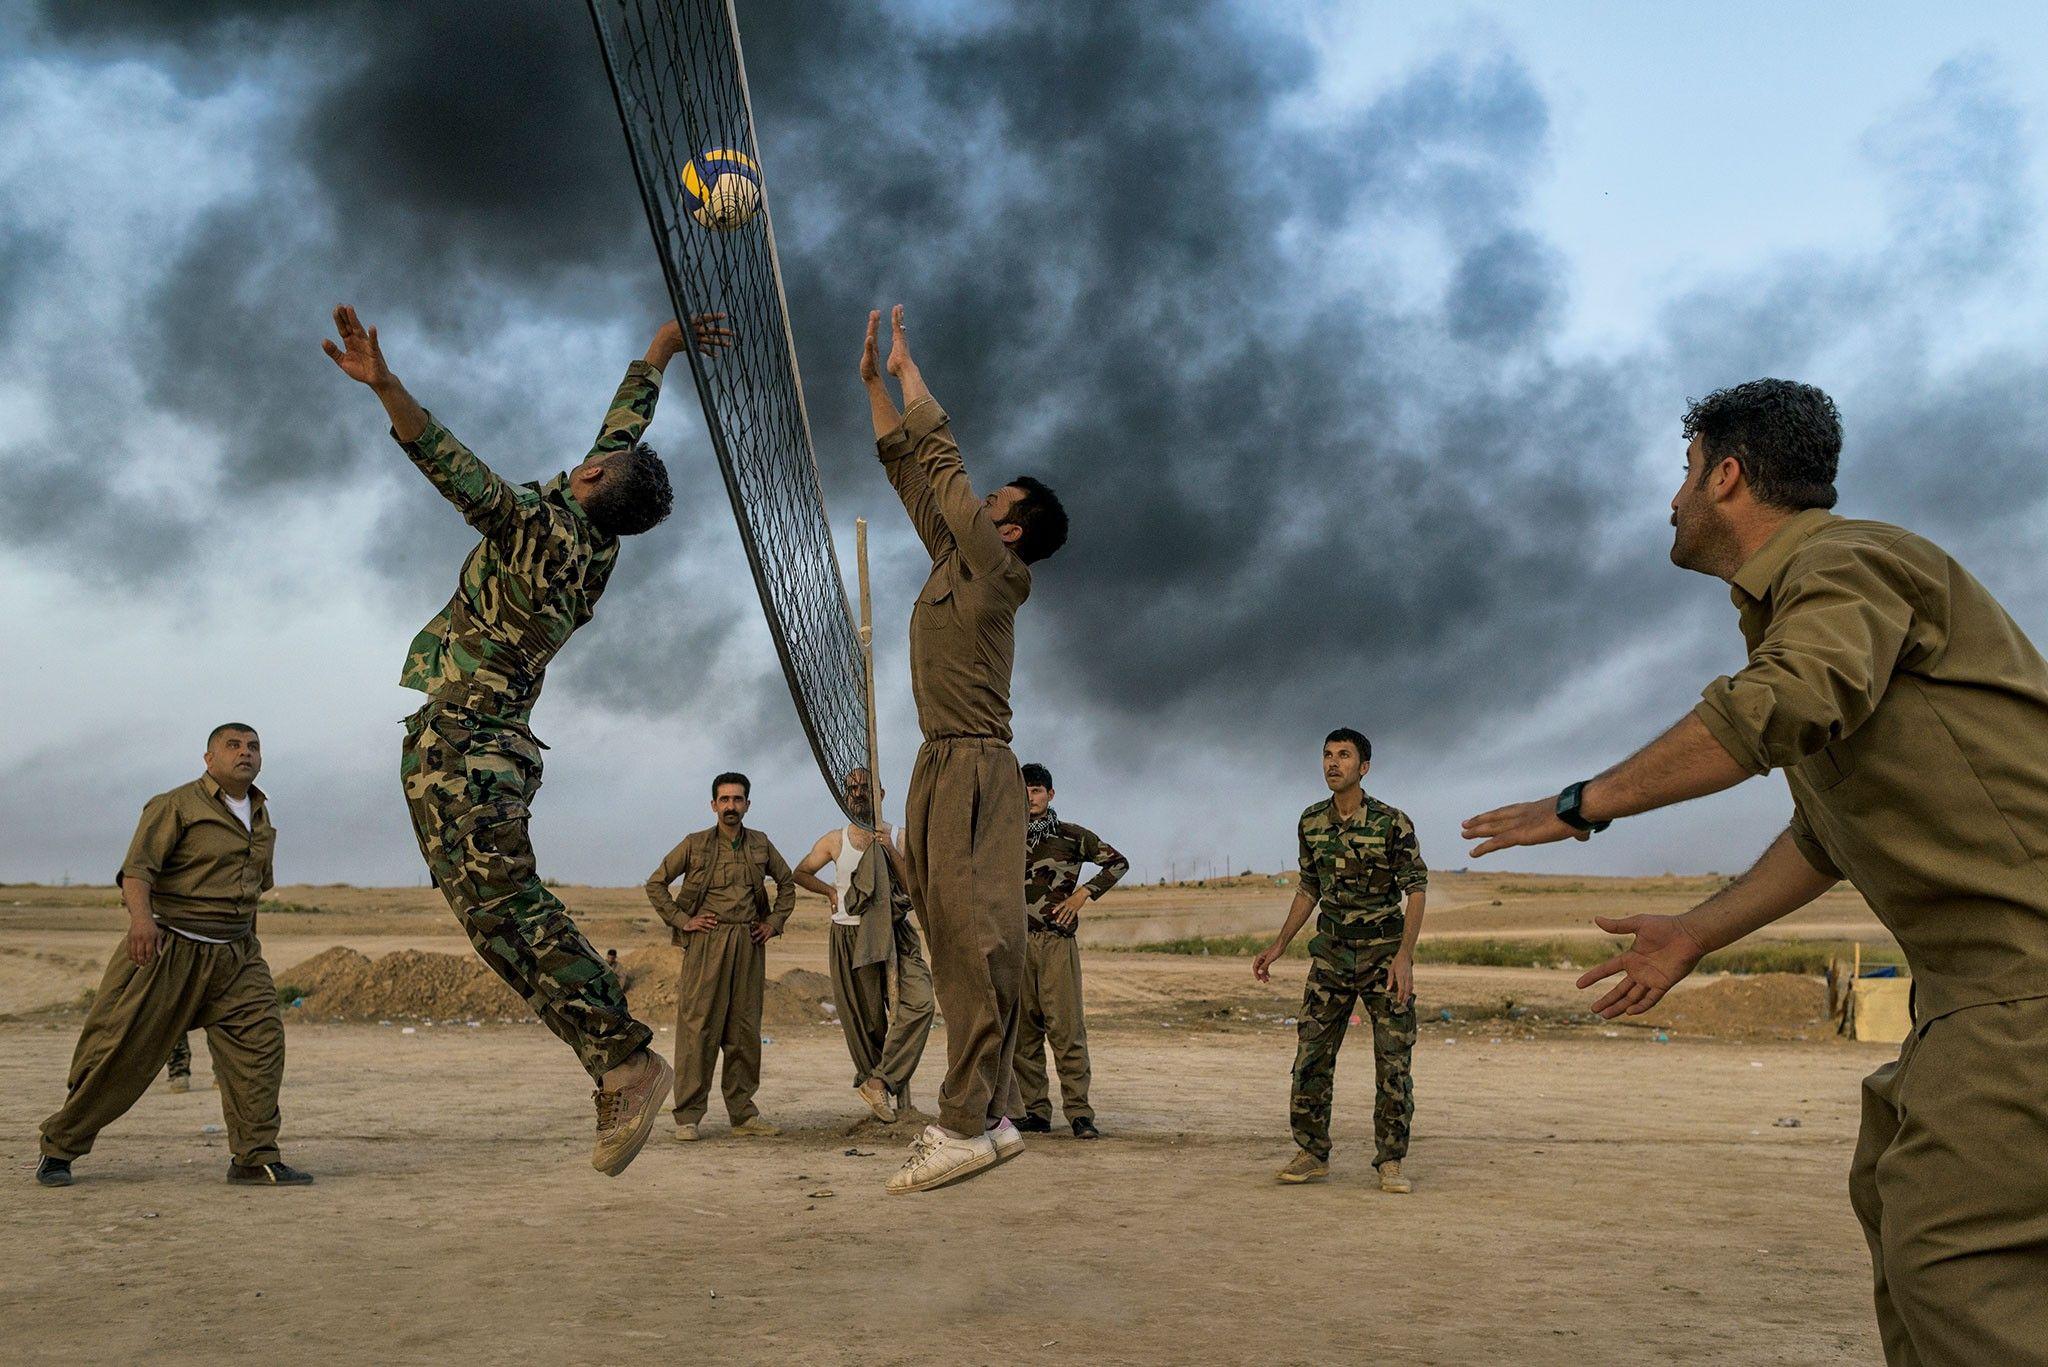 Os curdos estão espalhados por quatro nações, mas quem são eles? | National Geographic